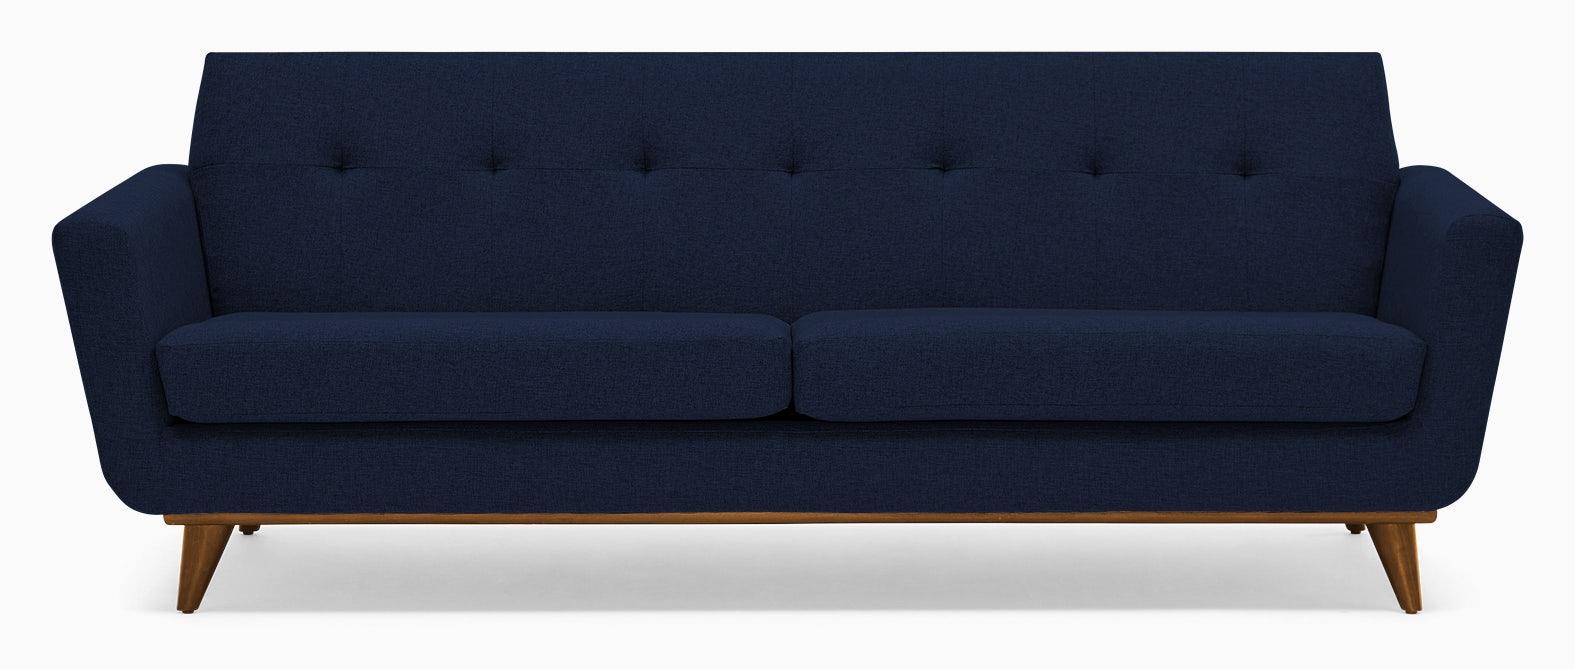 hughes sofa bentley indigo